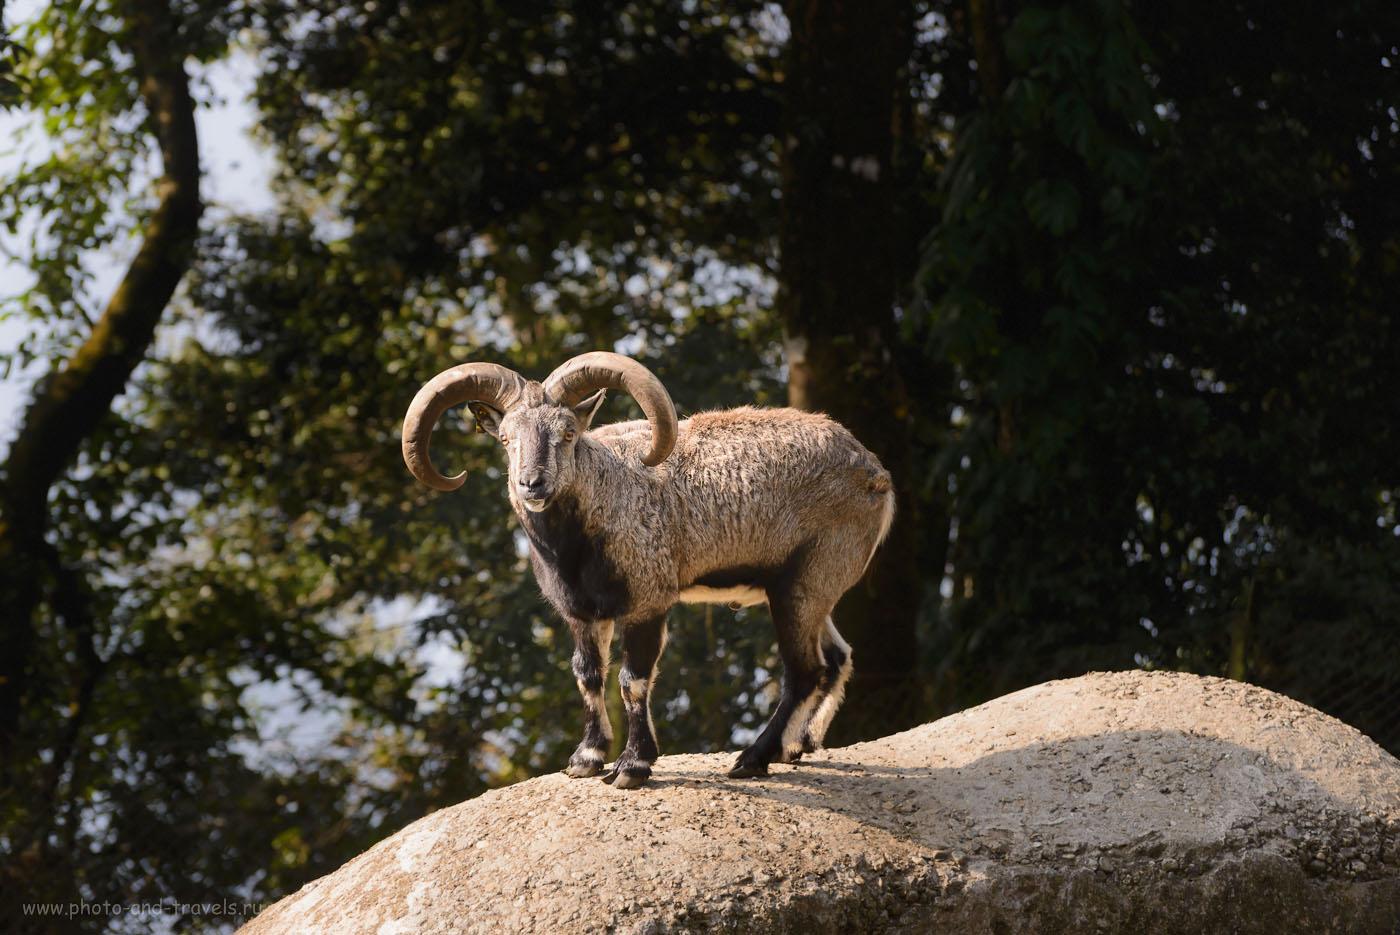 Фотография 9. Горный баран в зоопарке Padmaja Naidu Himalayan Zoological Park в Дарджилинге. Чтобы его сфотографировать, пришлось использовать на зеркалке Никон Д610 телеобъектив Nikon 70-300. Параметры съемки: 1/500, f/5.0, 400, 135. Отчеты о путешествии по северо-востоку Индии.